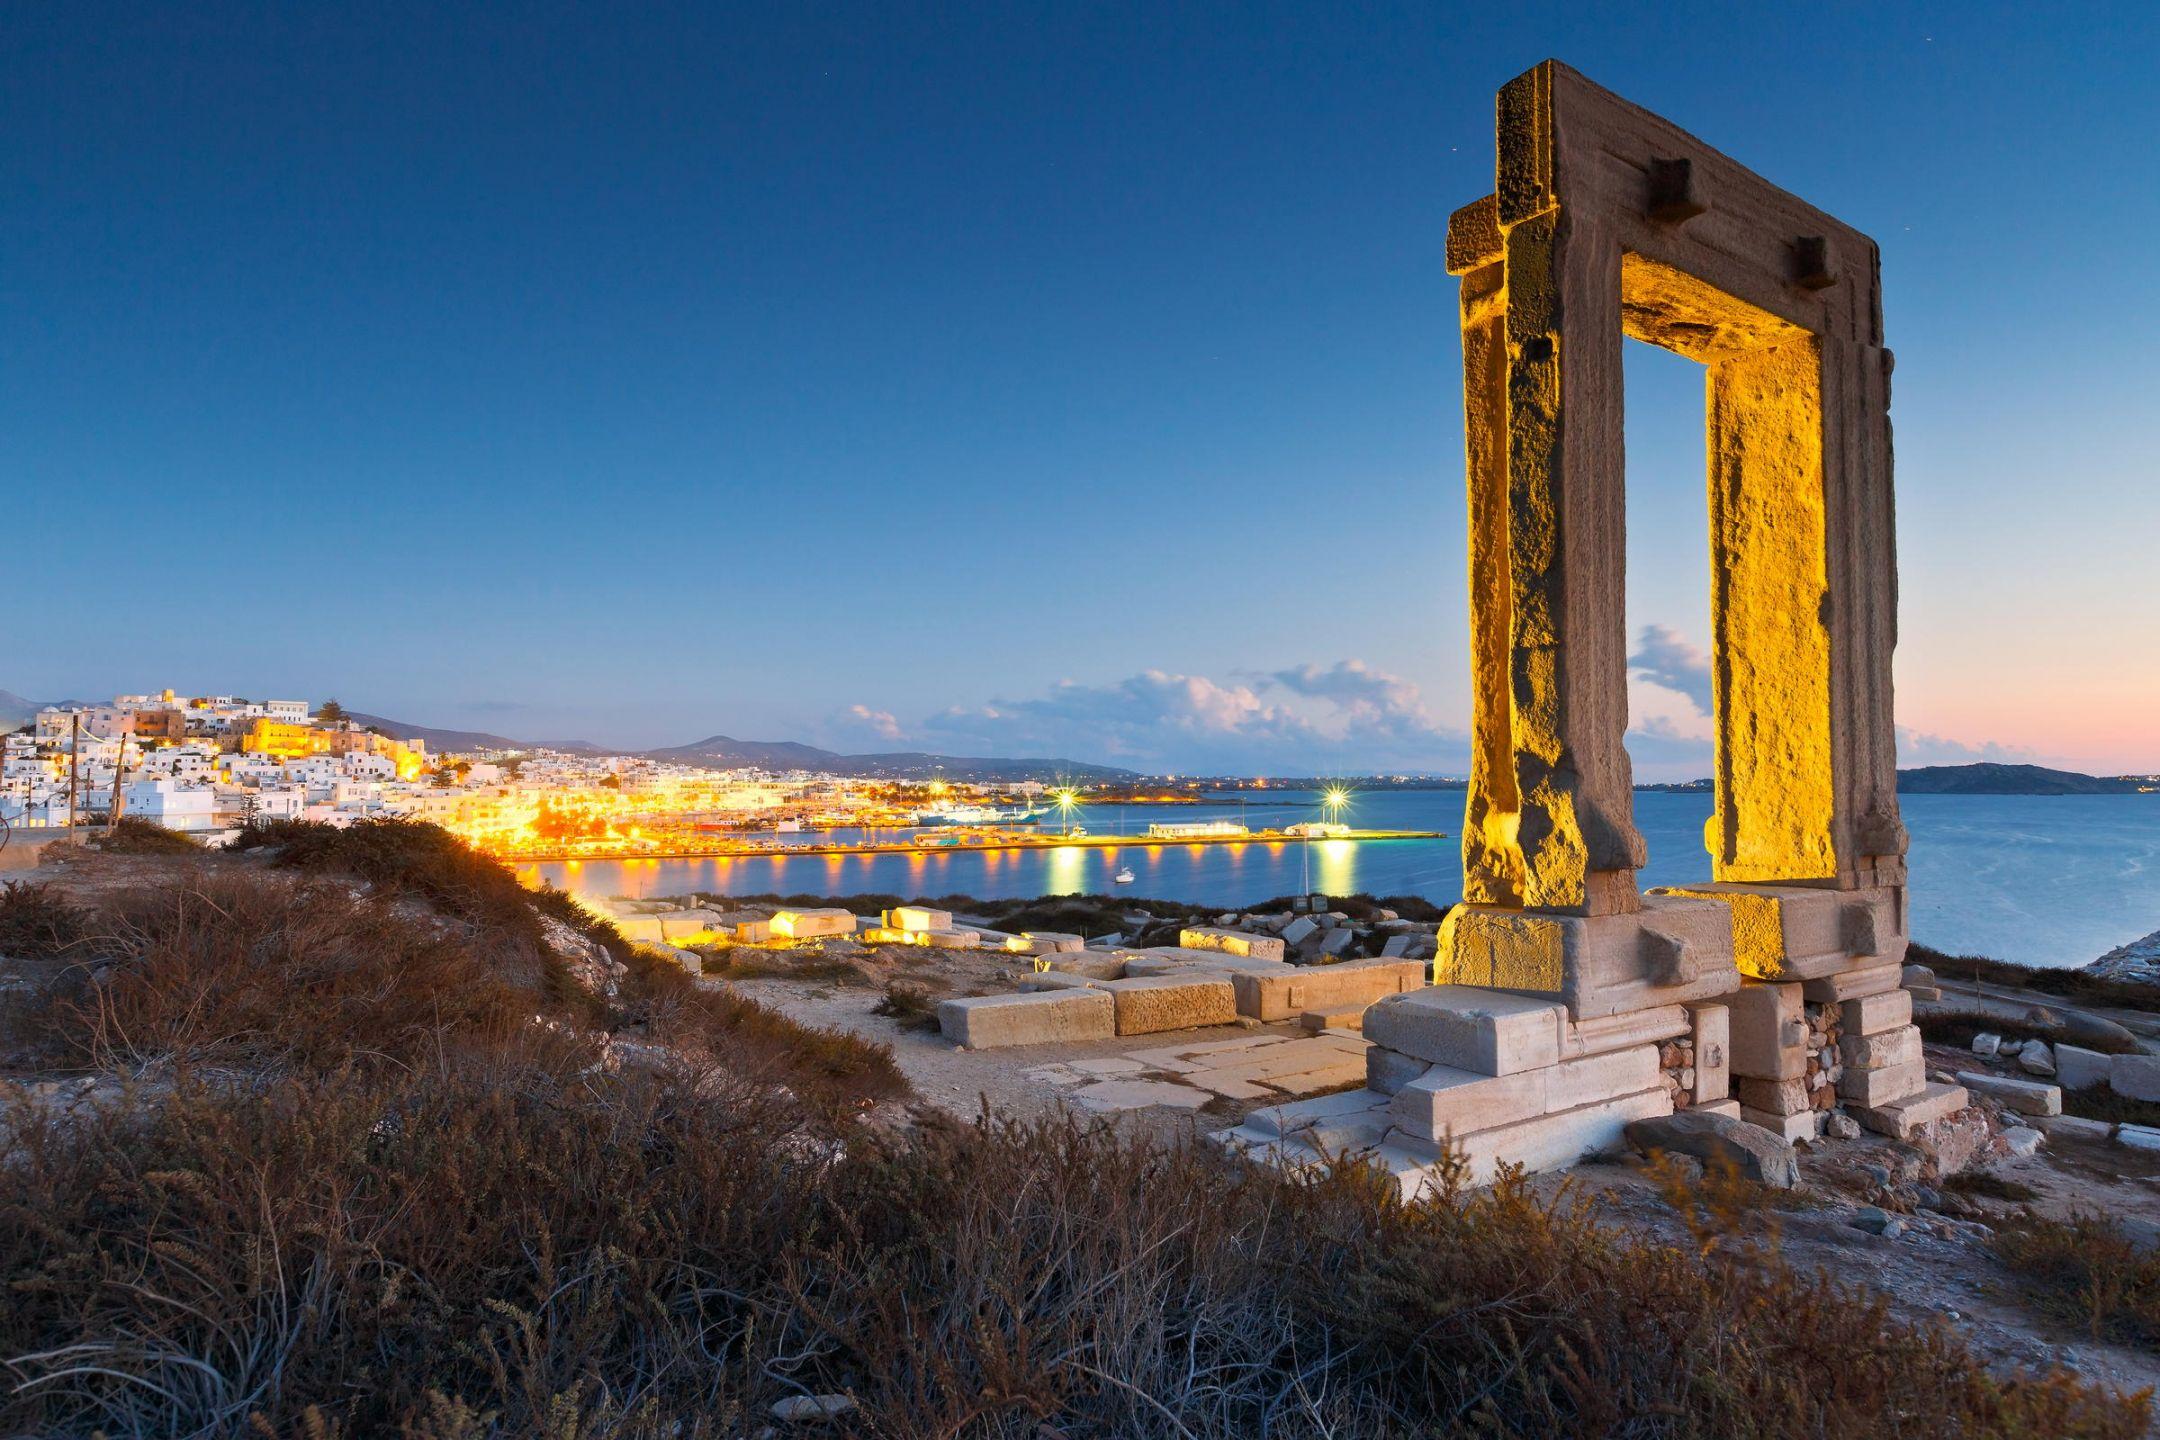 Η Νάξος αποτελεί το μεγαλύτερο νησί των Κυκλάδων. Επίσης είναι το πιο εύφορο και αυτόνομο νησί των Κυκλάδων. Η Νάξος έχει ιστορία αιώνων, ιστορικά αξιοθέατα, εναλλαγή τοπίων, παραδοσιακά χωριά και καλό φαγητό. Είστε στο κεντρικότερο σημείο του Αιγαίου.